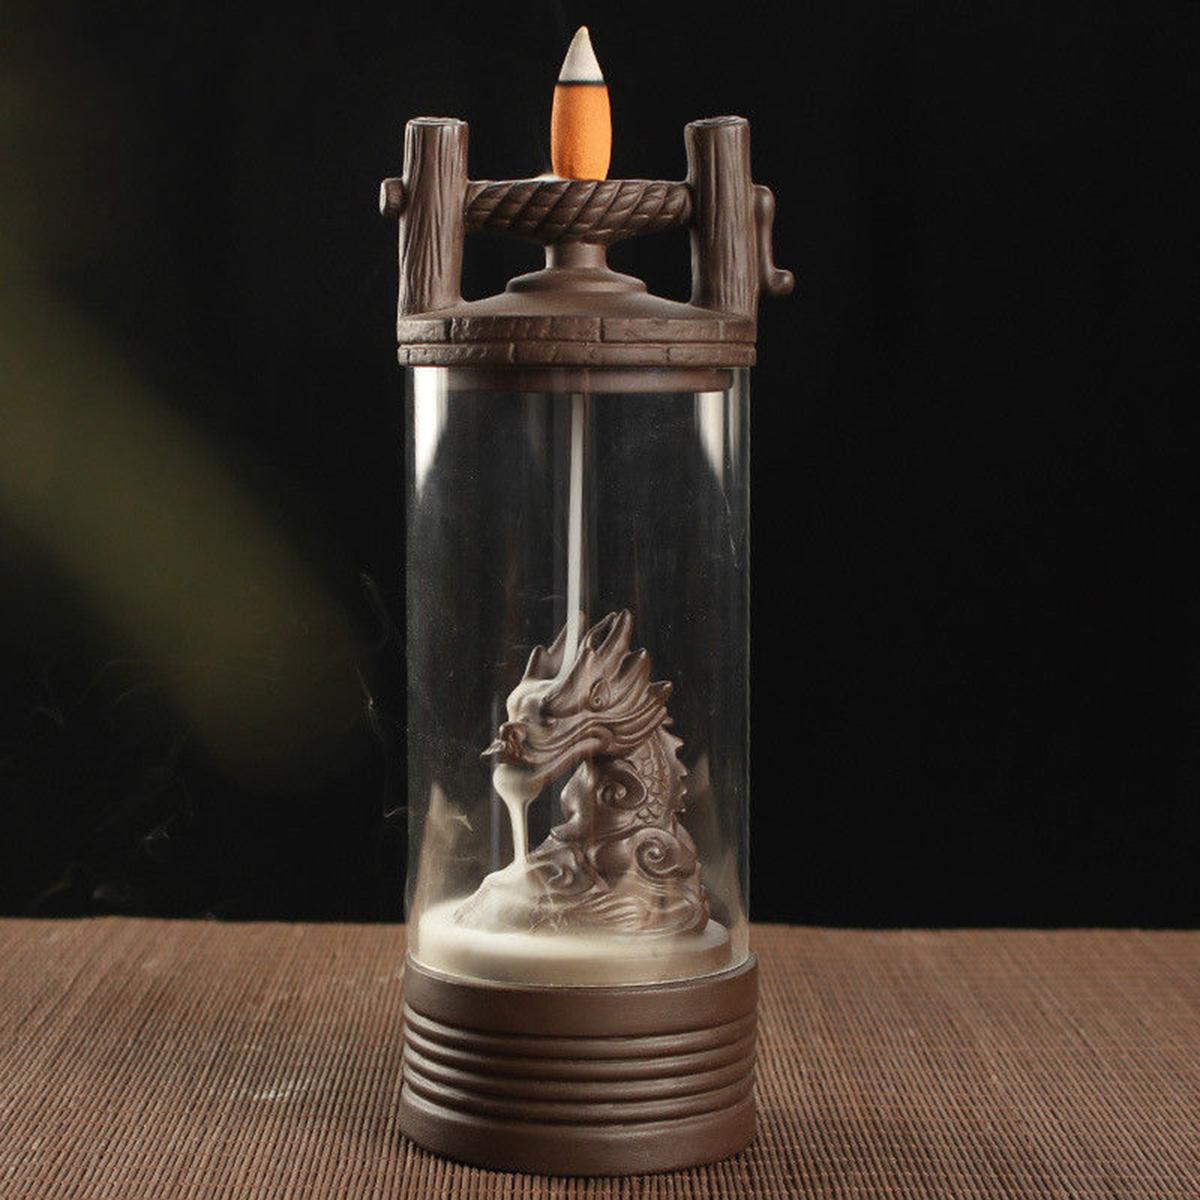 Дракон Курильница обратного потока Керамический Украшение для держателя кадило